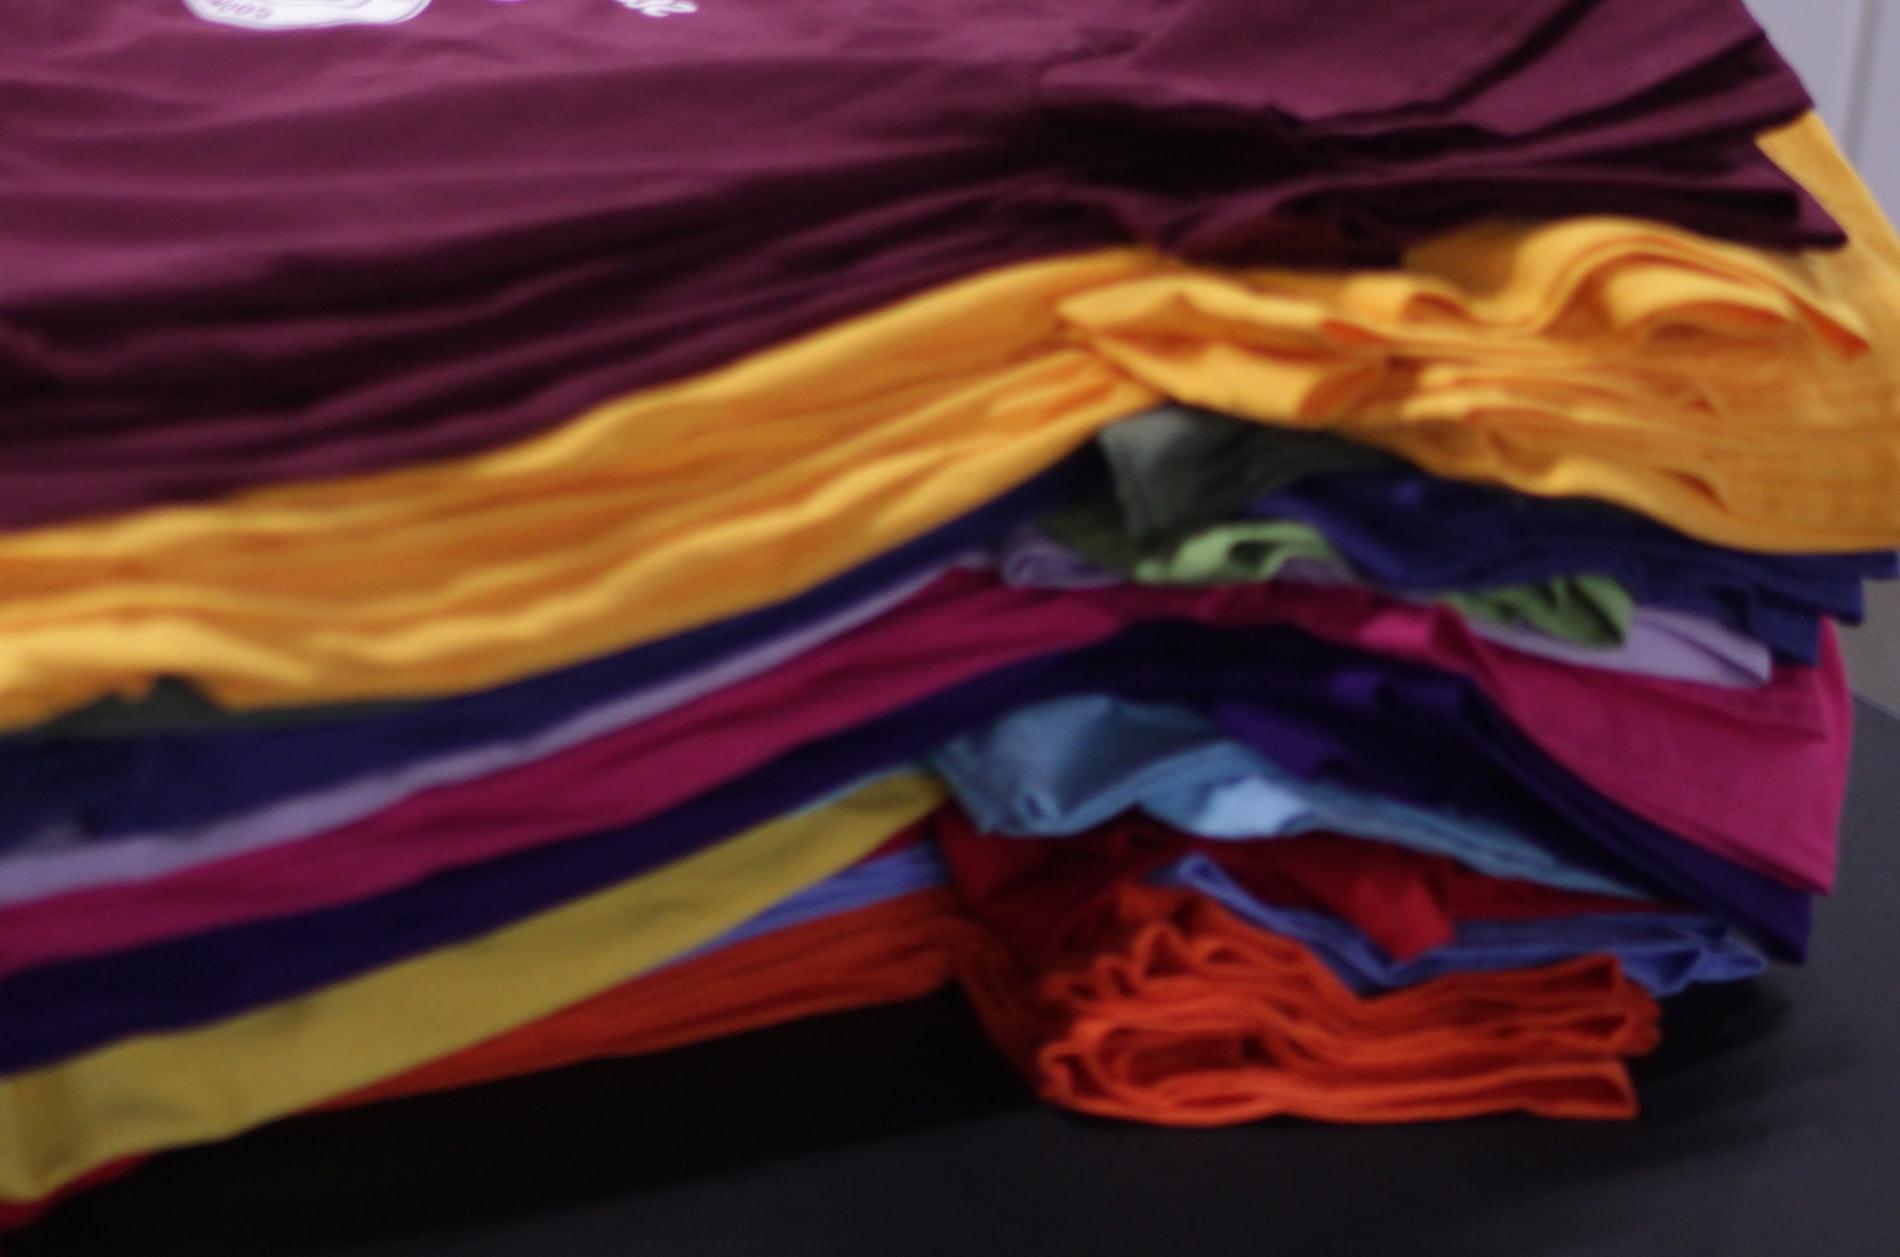 Amenzi de 62.000 de lei pentru comercianții de produse textile